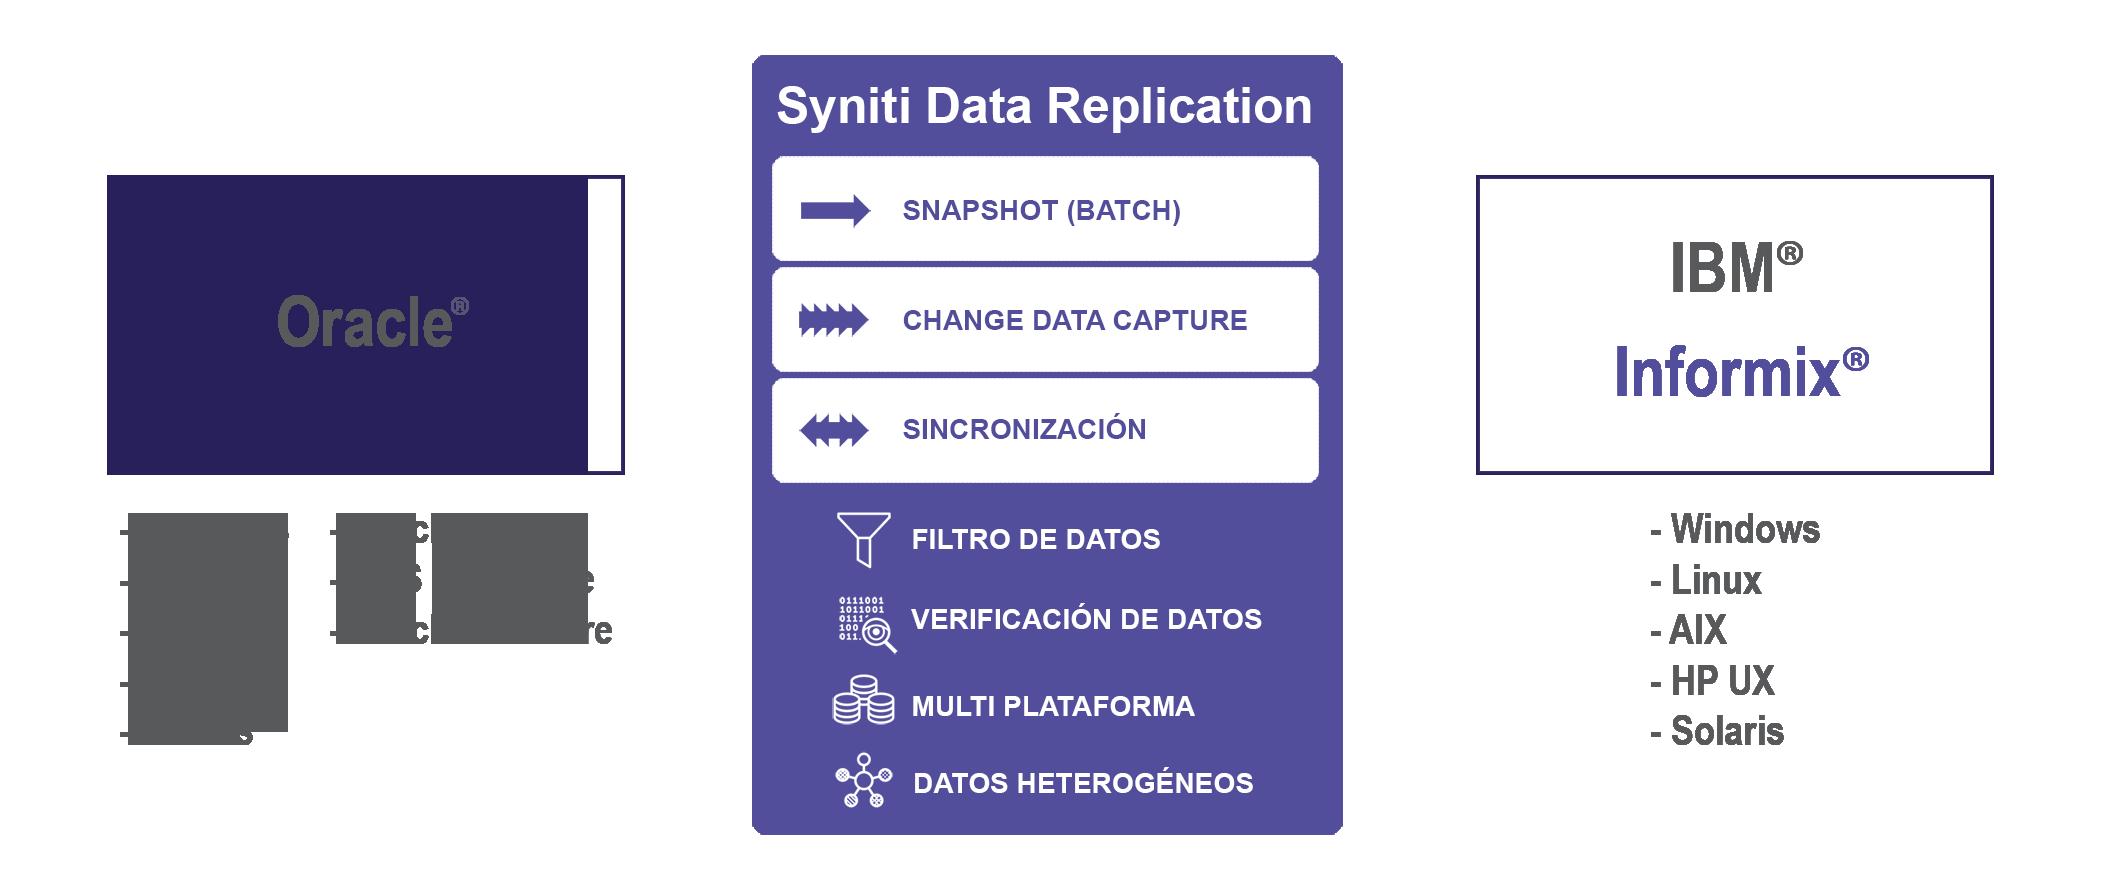 Replicacion de datos Oracle a Informix en tiempo real